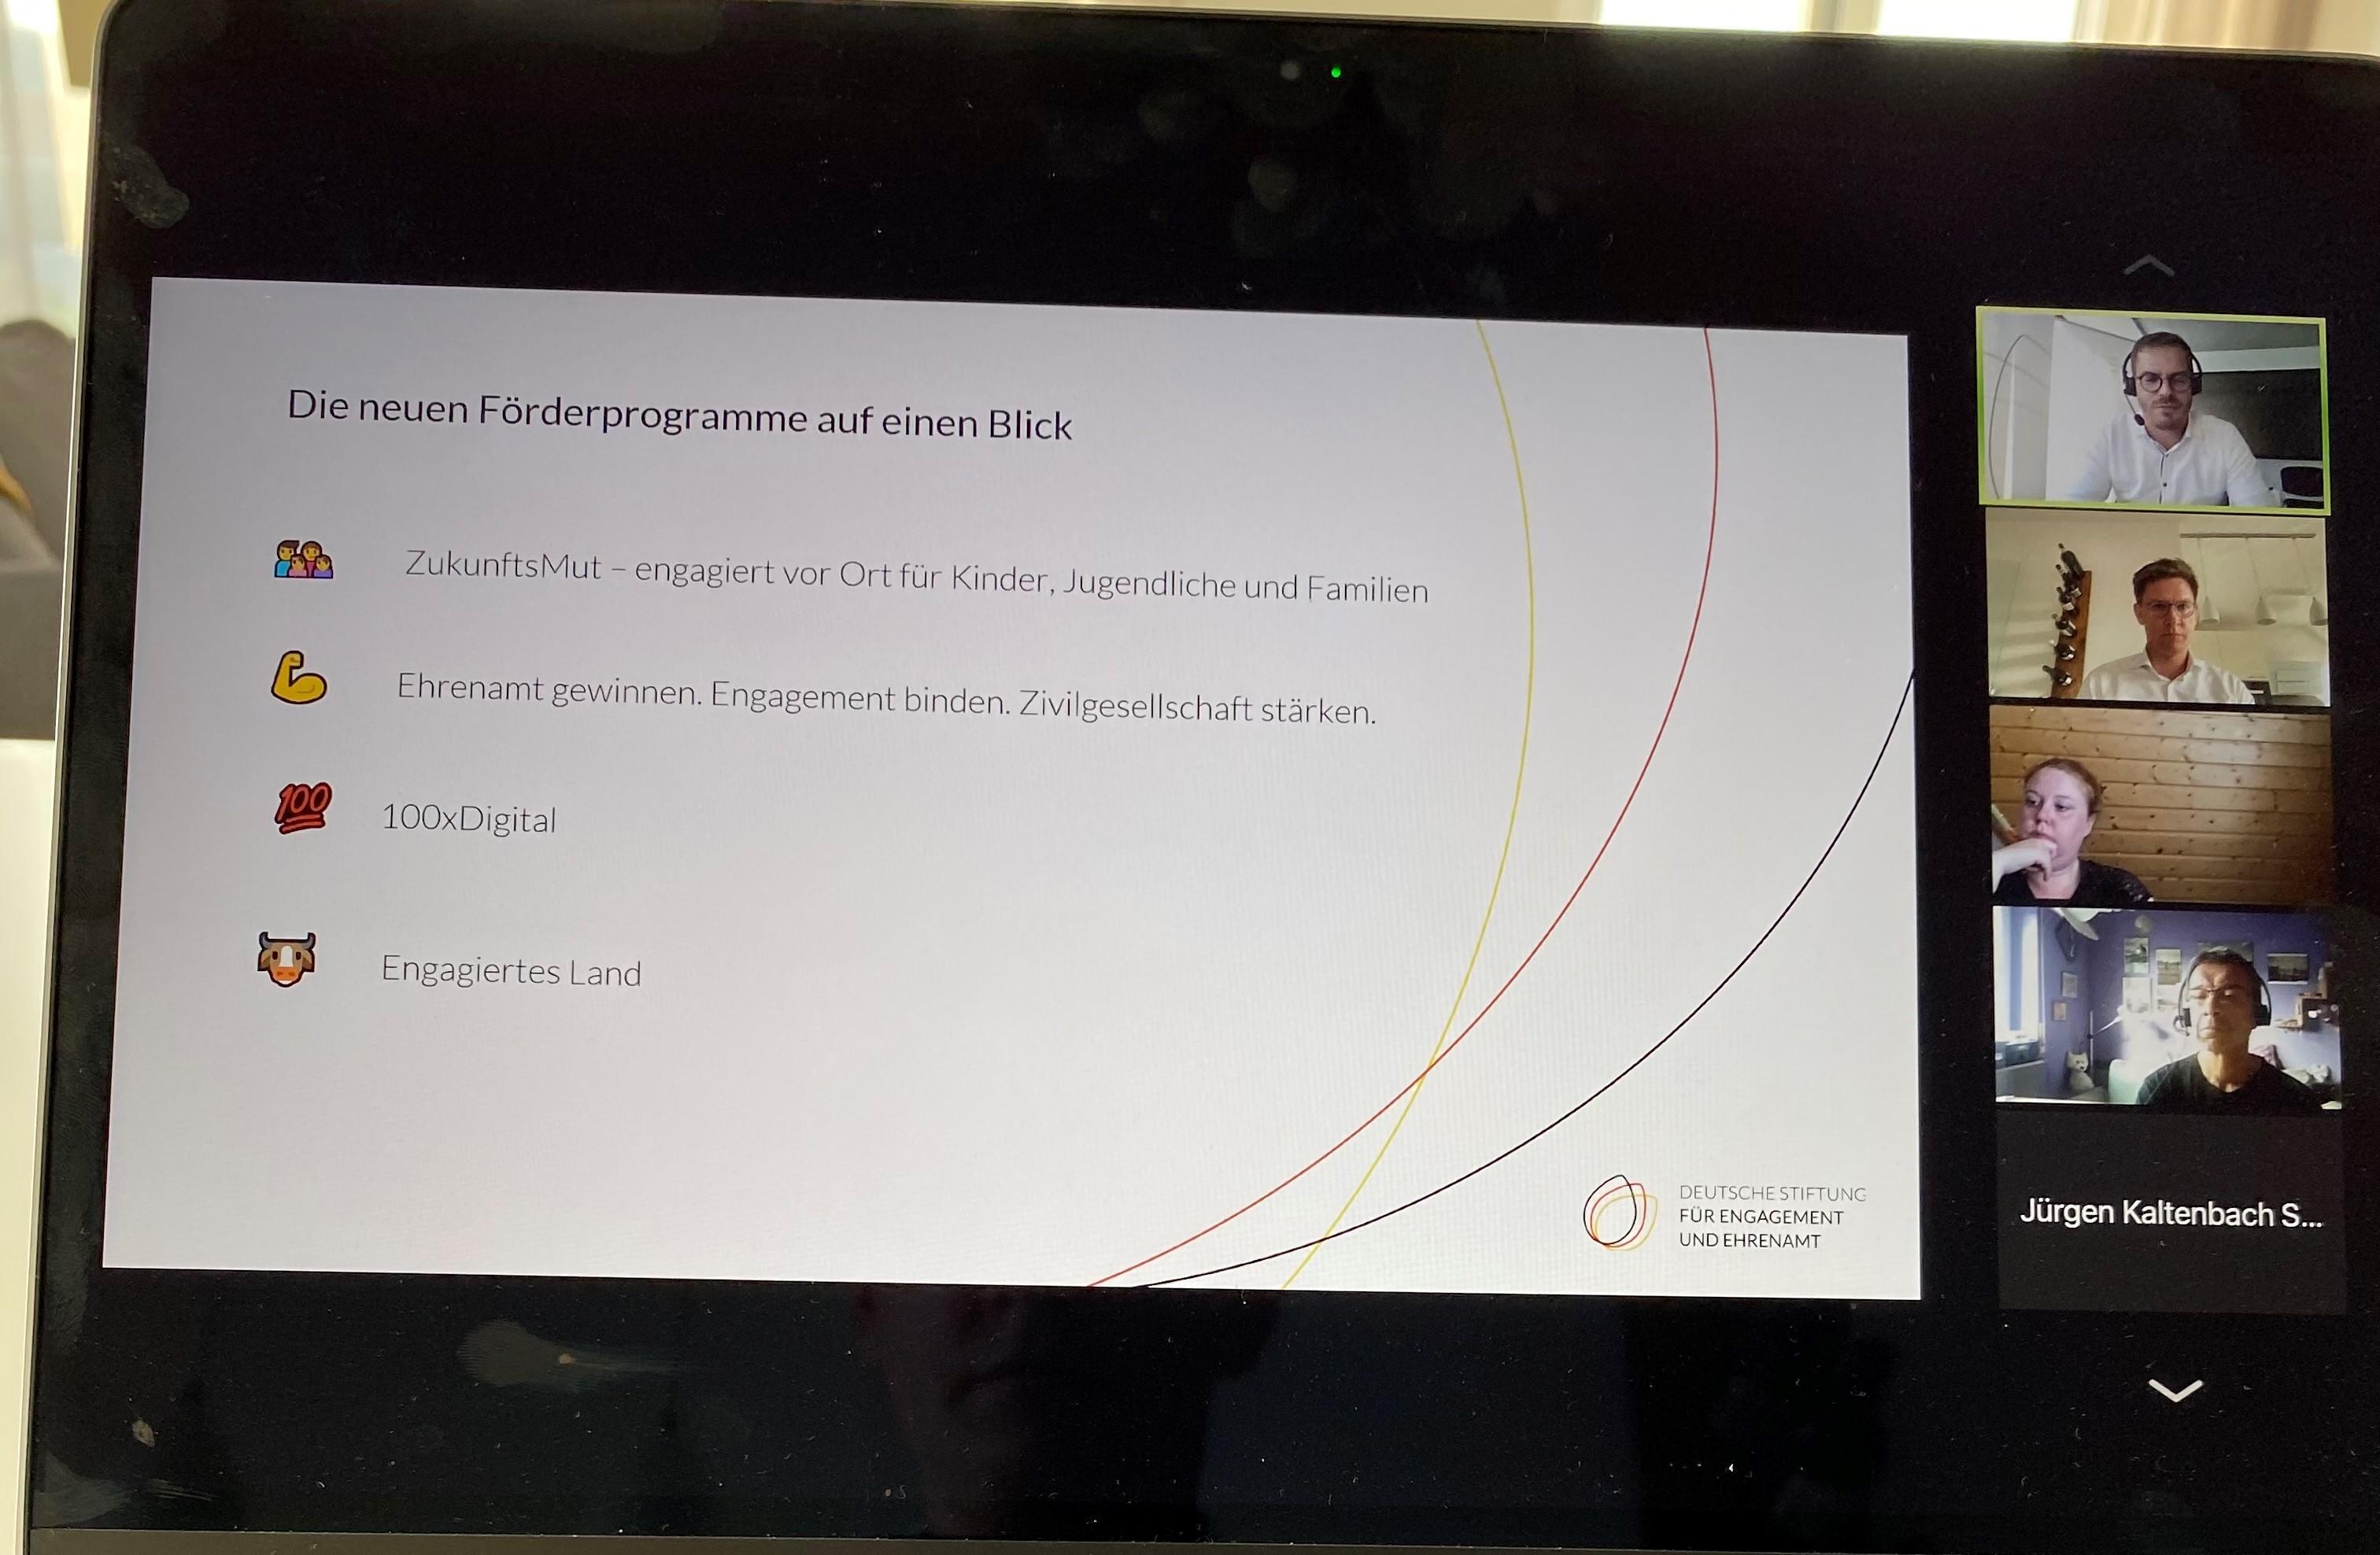 Der CDU-Bundestagsabgeordnete Johannes Steiniger hat die Vereine in der Region gemeinsam mit der Deutschen Stiftung für Engagement und Ehrenamt eingeladen, um sich über neue Förderprogramme für das Ehrenamt zu informieren.